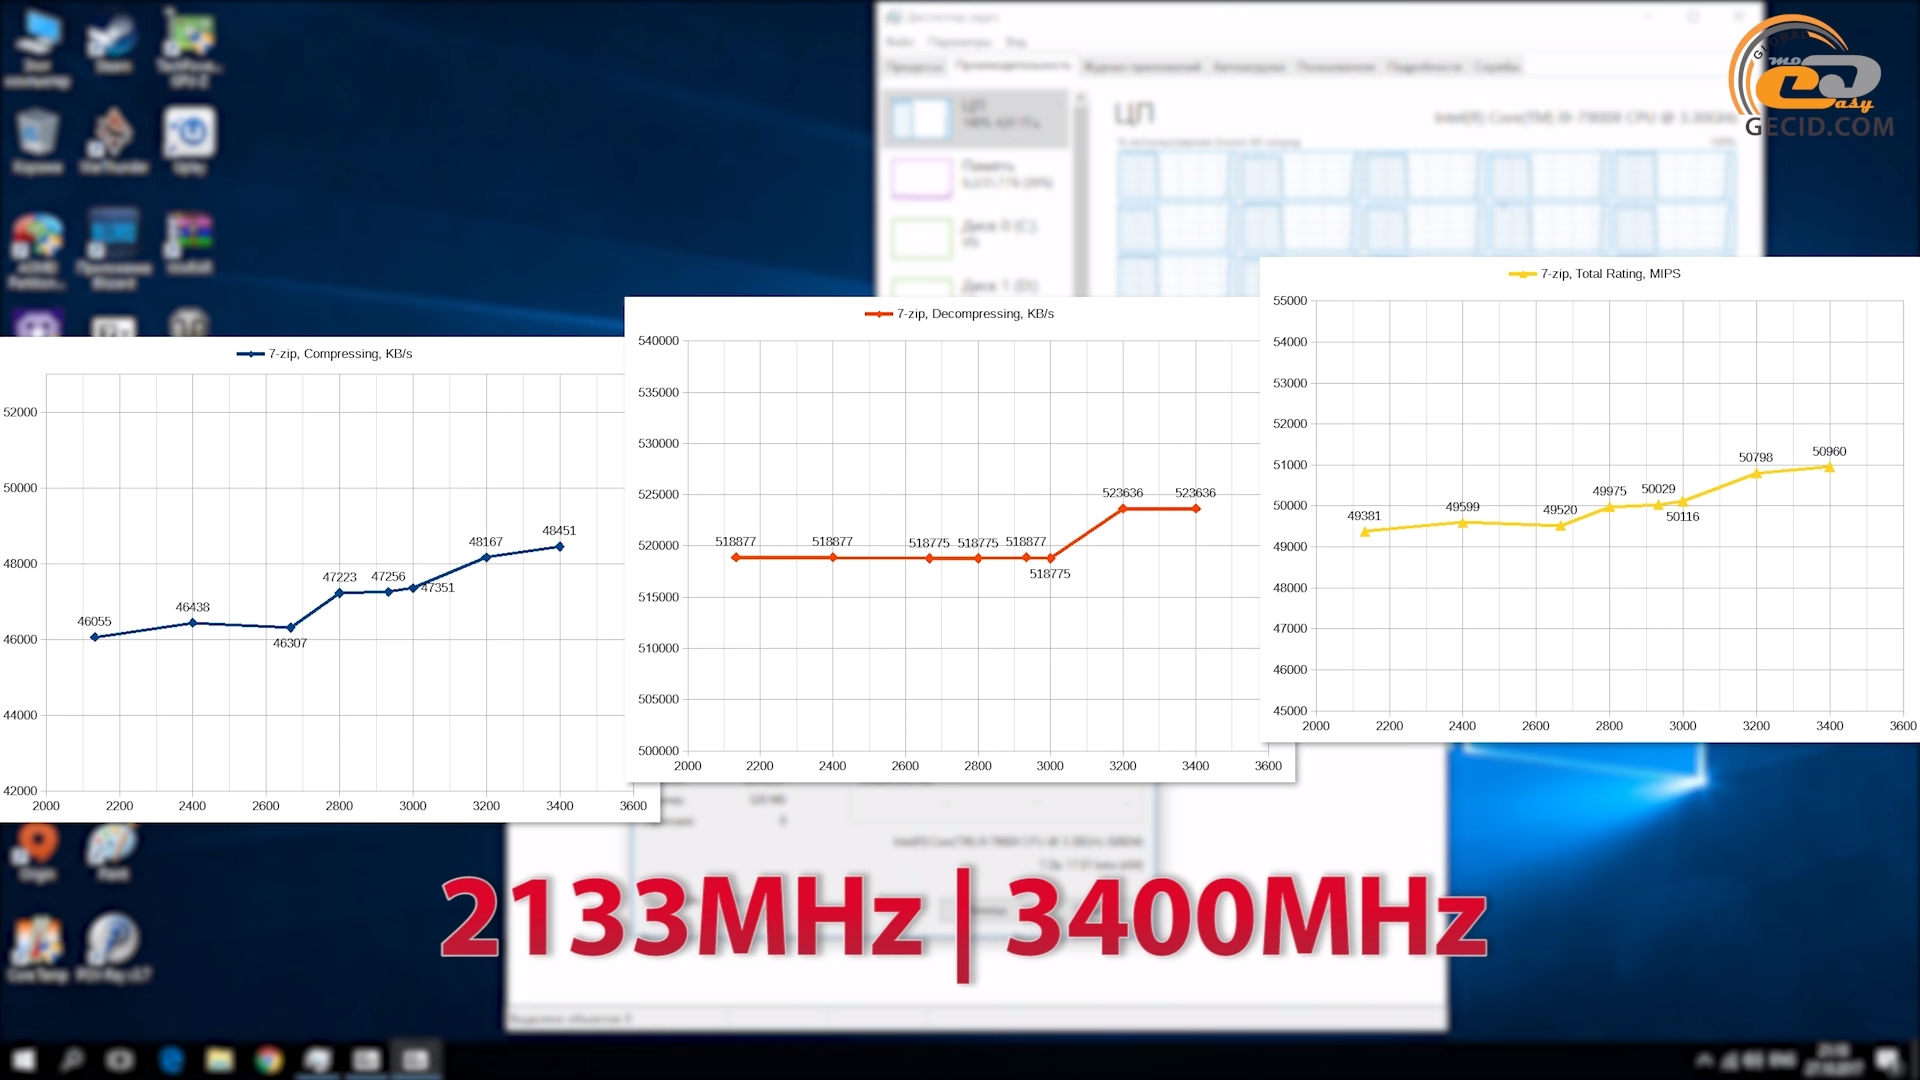 Сравнение DDR4-2400 vs DDR4-3400 в четырехканальном режиме: выбираем